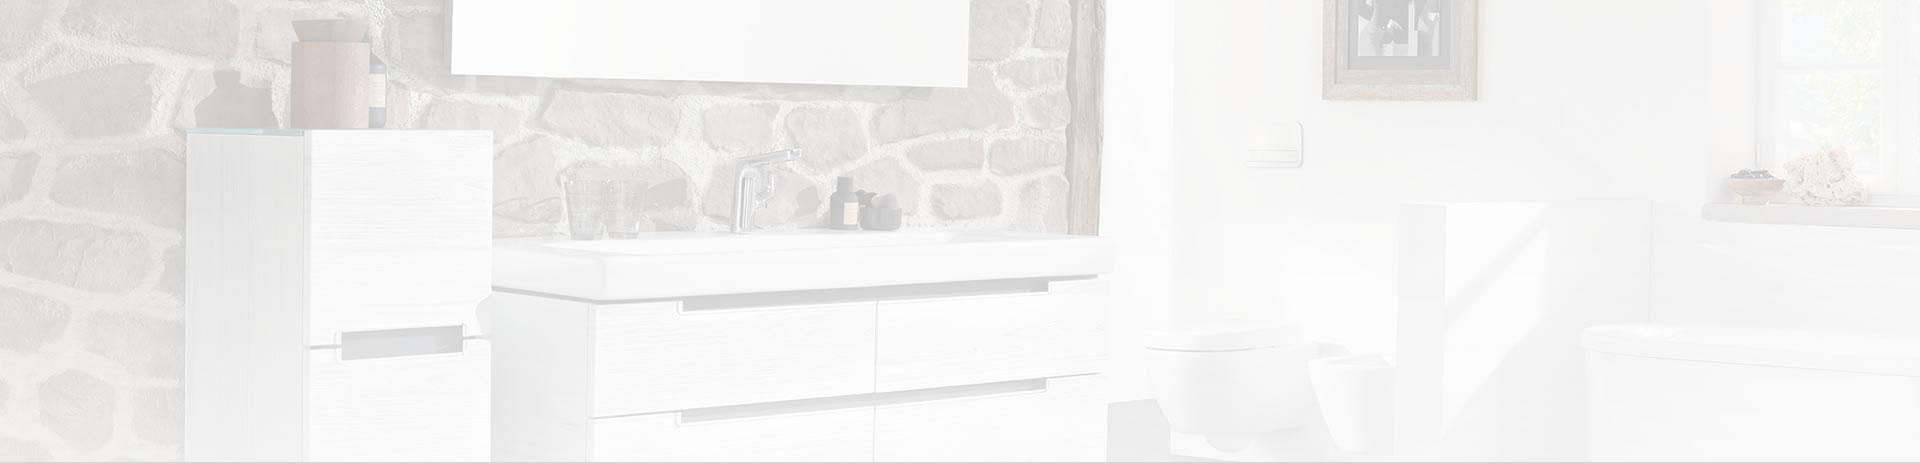 heizbross heizung sanit r nagold herrenberg altensteig horb calw. Black Bedroom Furniture Sets. Home Design Ideas